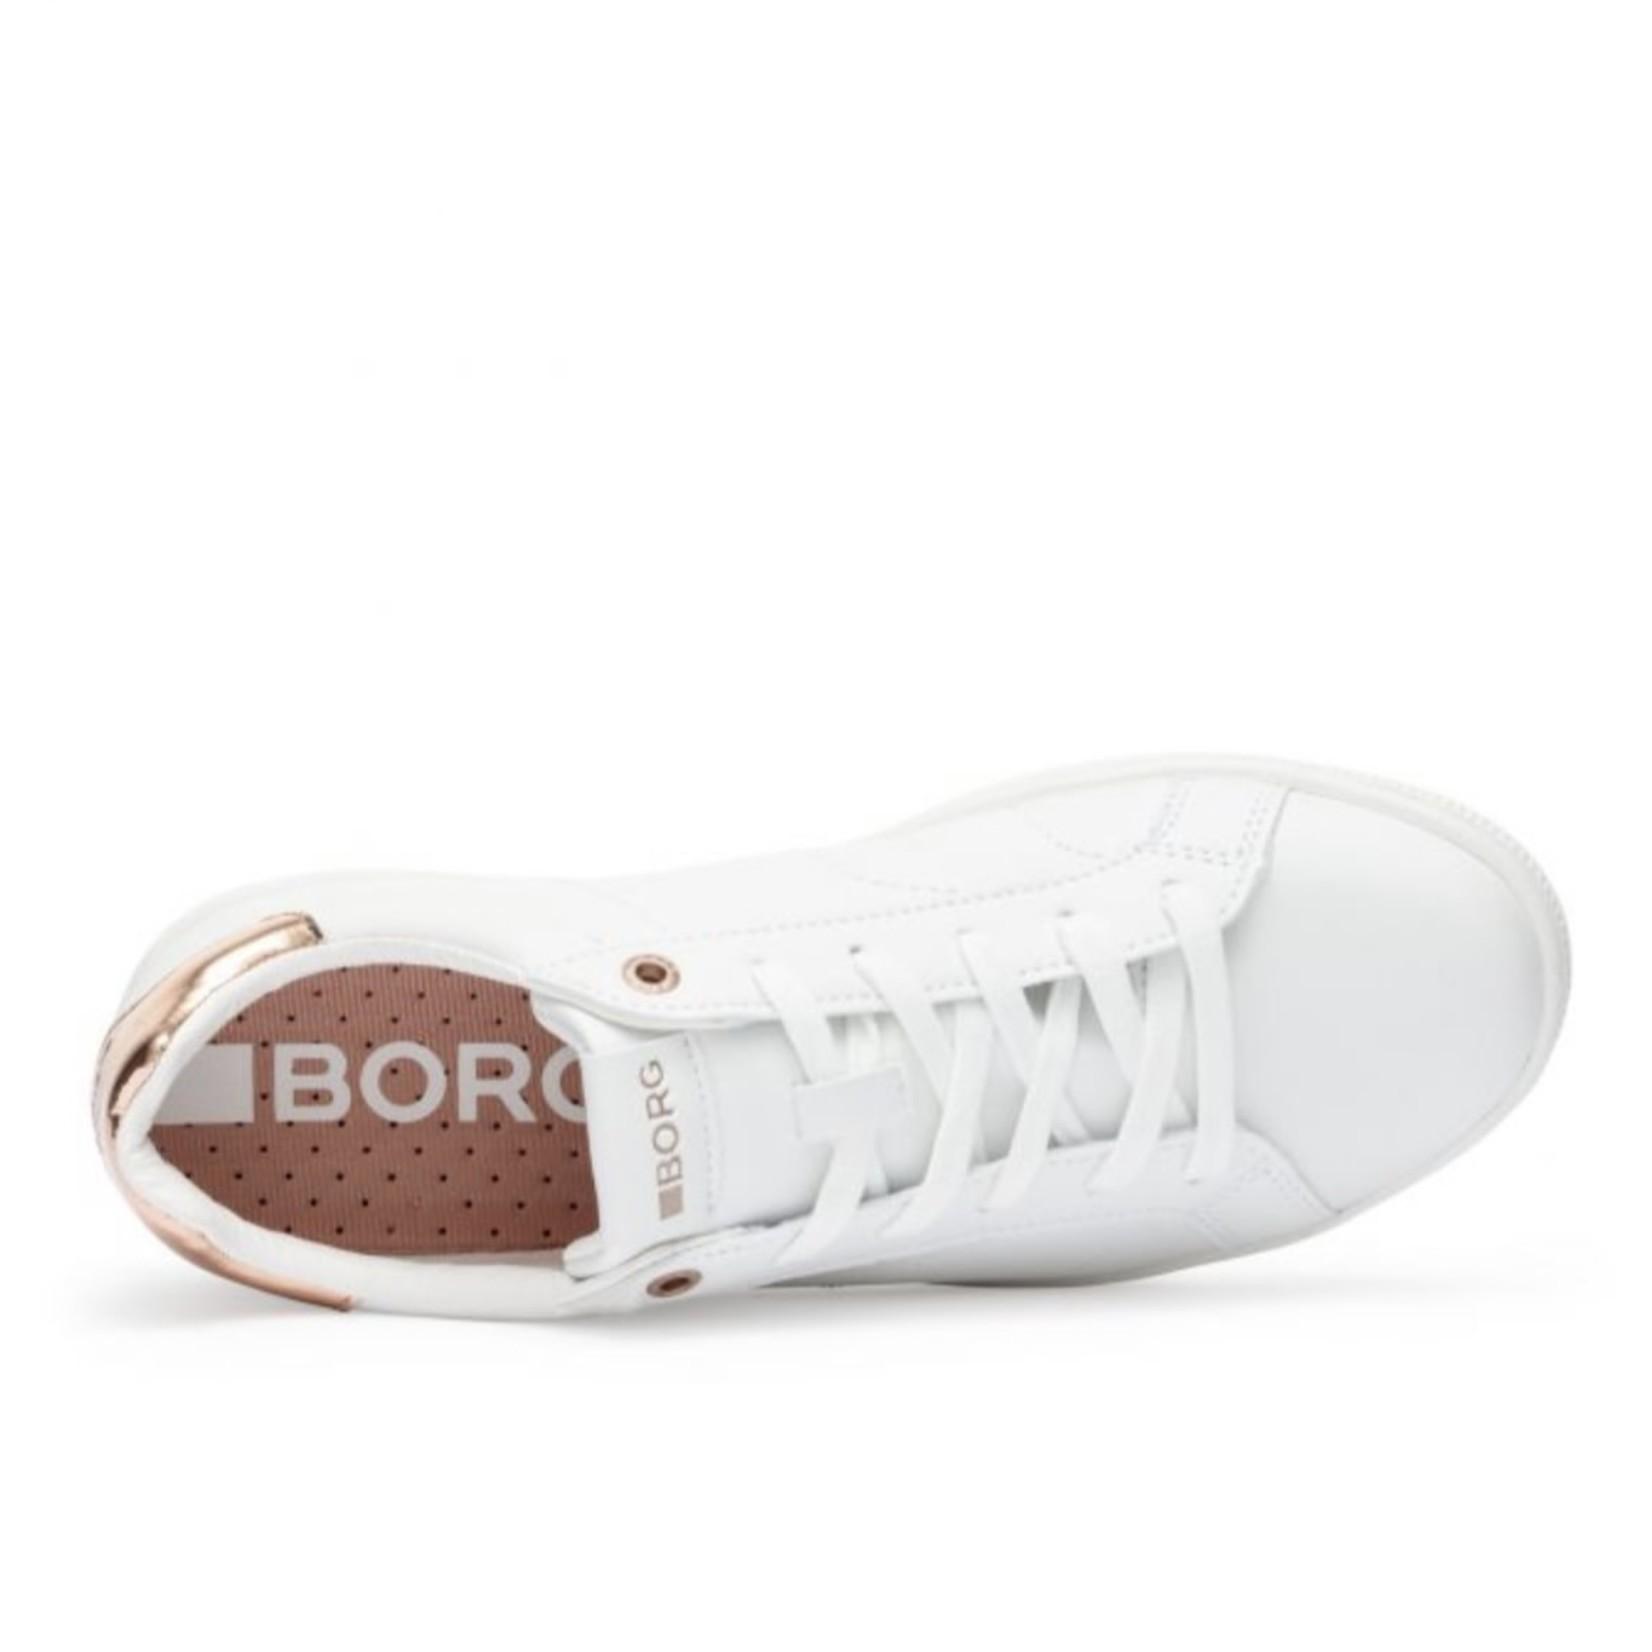 Björn Borg Björn Borg T305 CLS BTM W Sneaker